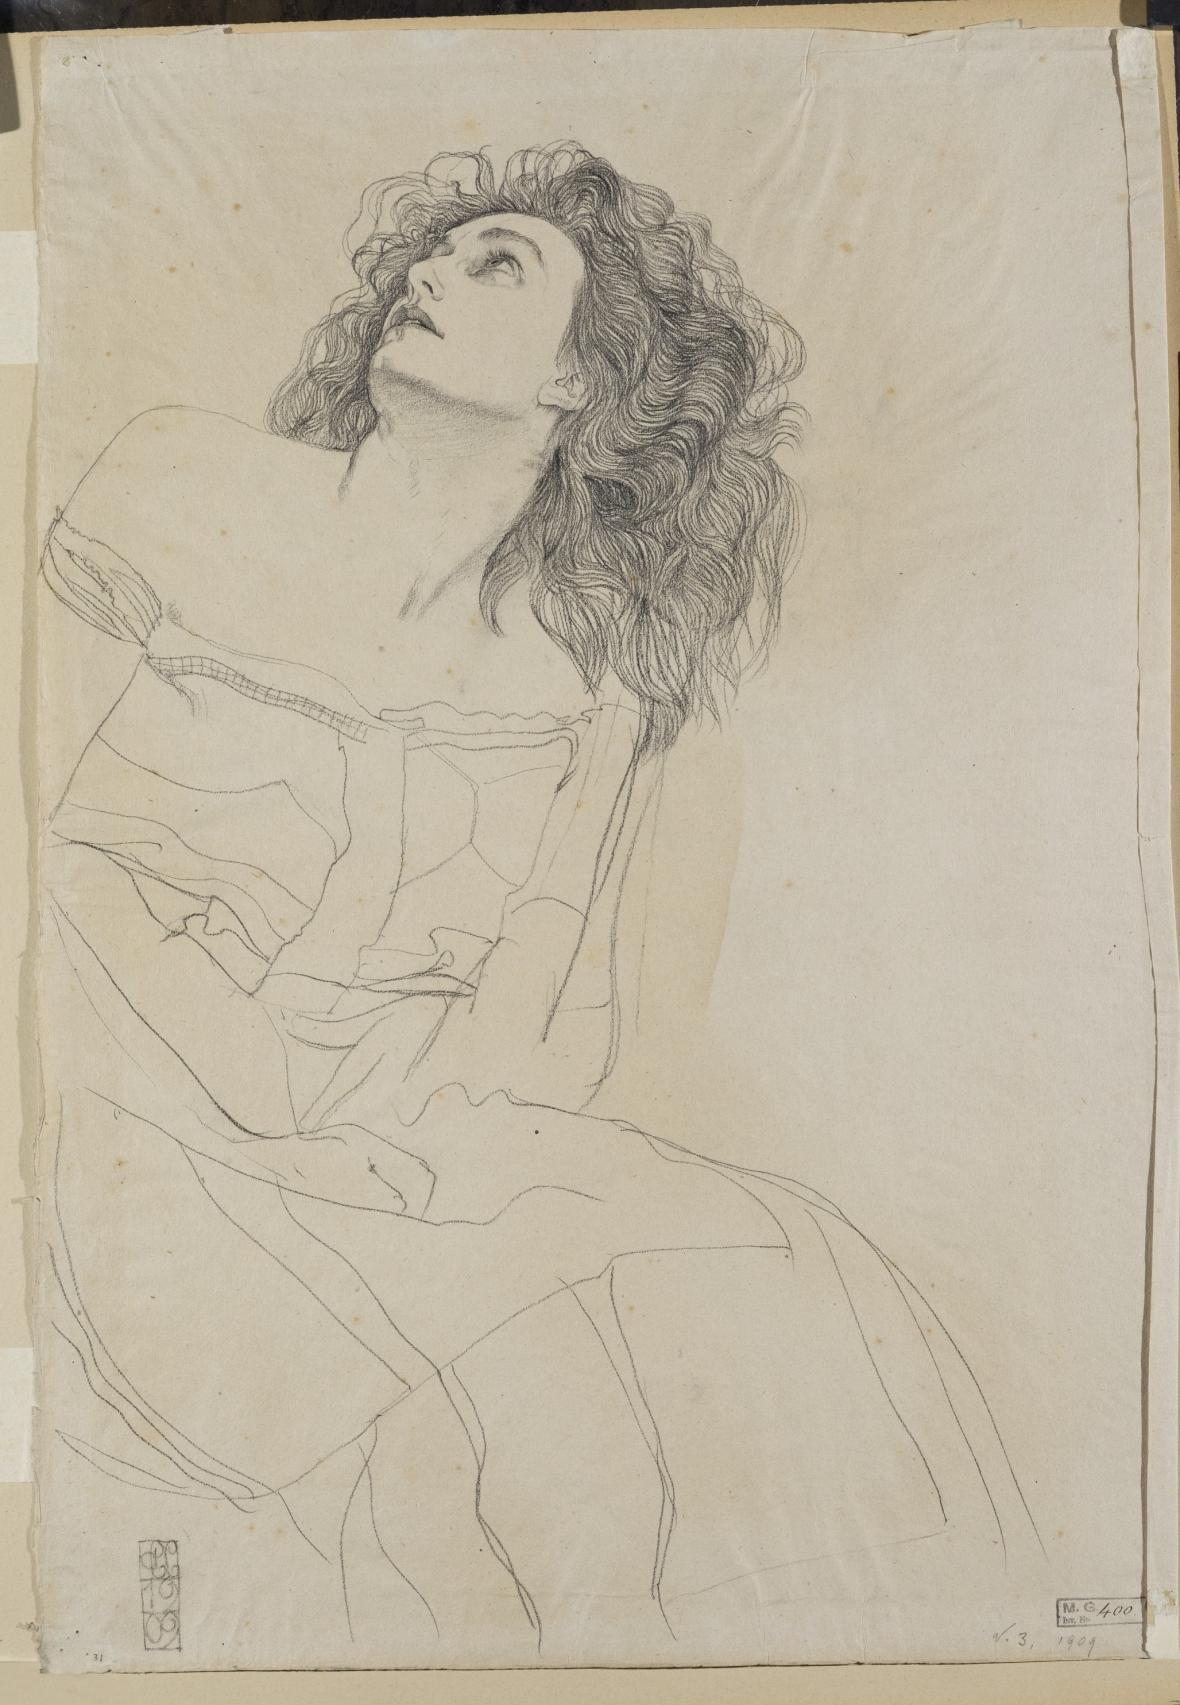 Carl Otto Czeschka / Studie ženské postavy, 1909